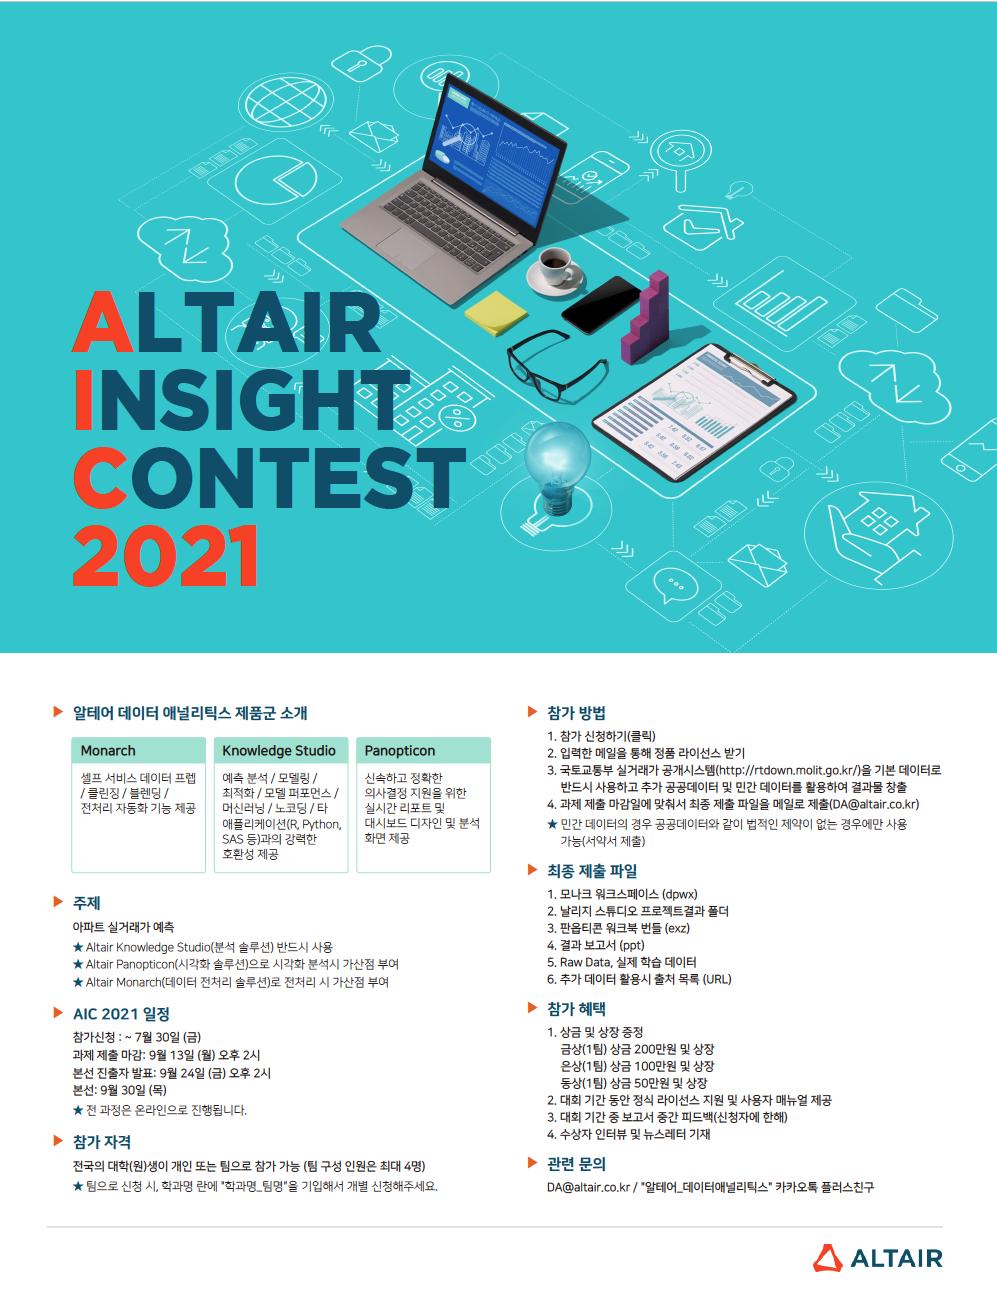 한국알테어_ALTAIR INSIGHT CONTEST (AIC 2021)